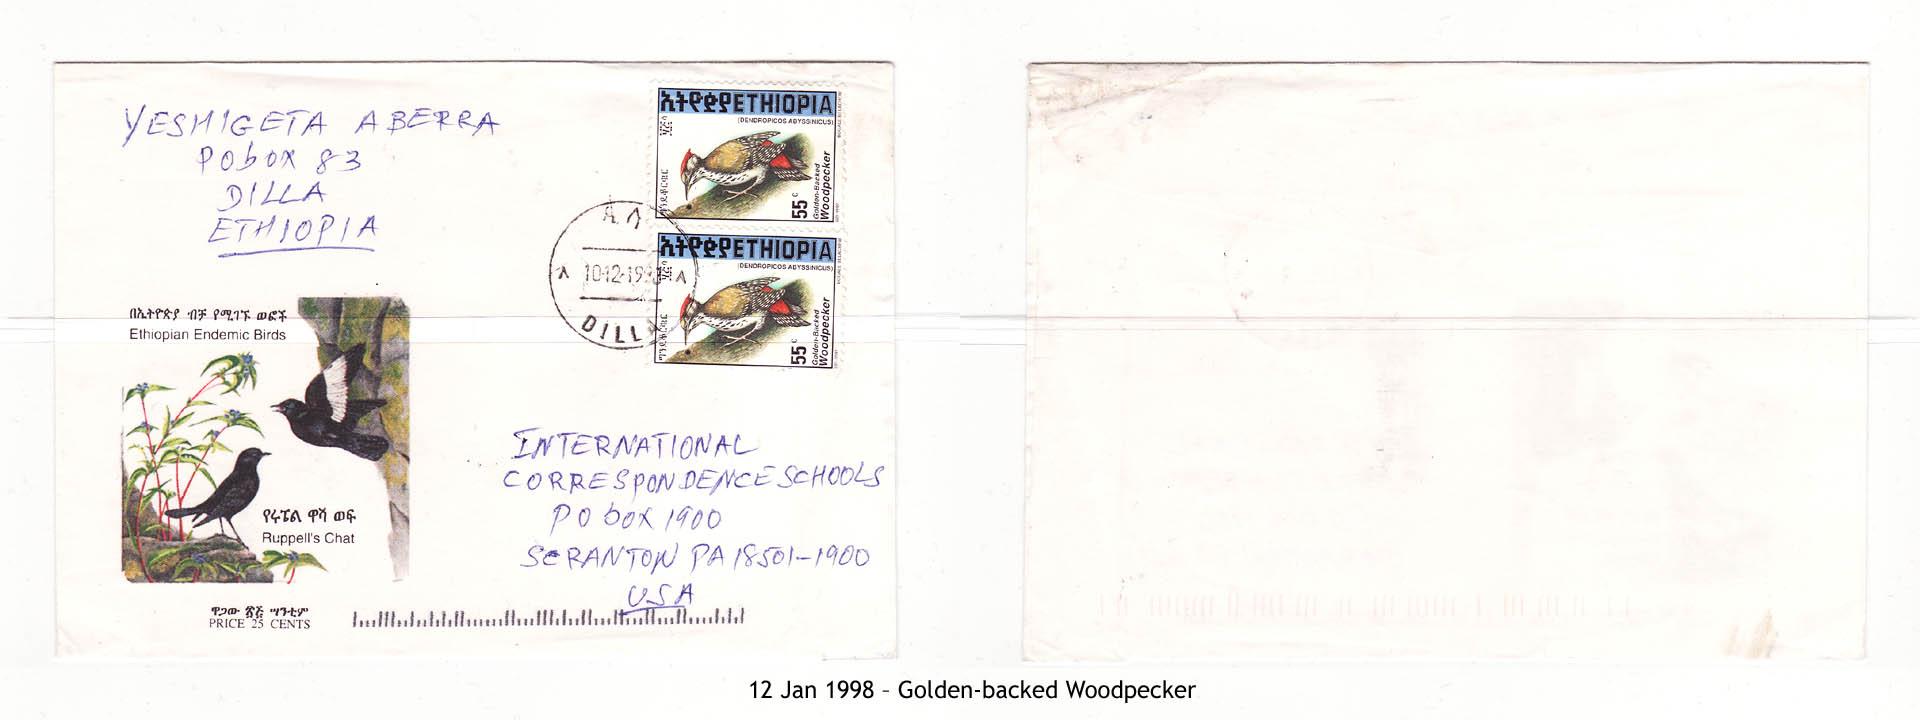 19980112 – Golden-backed Woodpecker